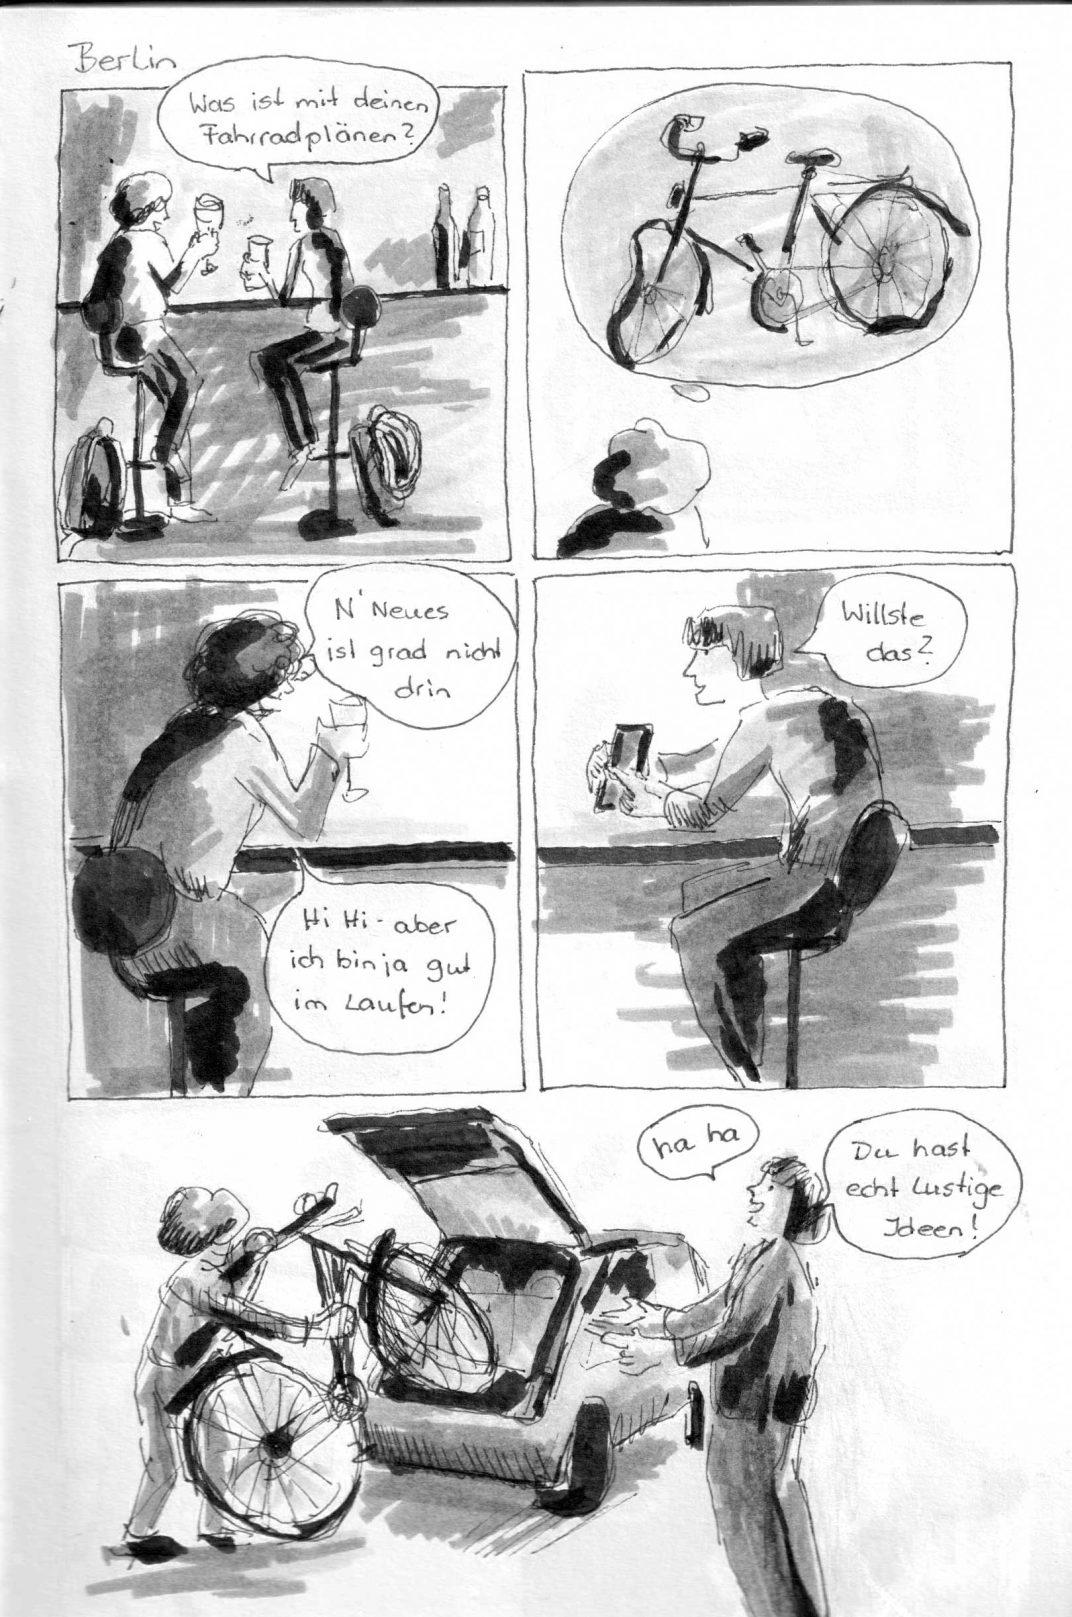 28.09.21 Ein neues Fahrrad